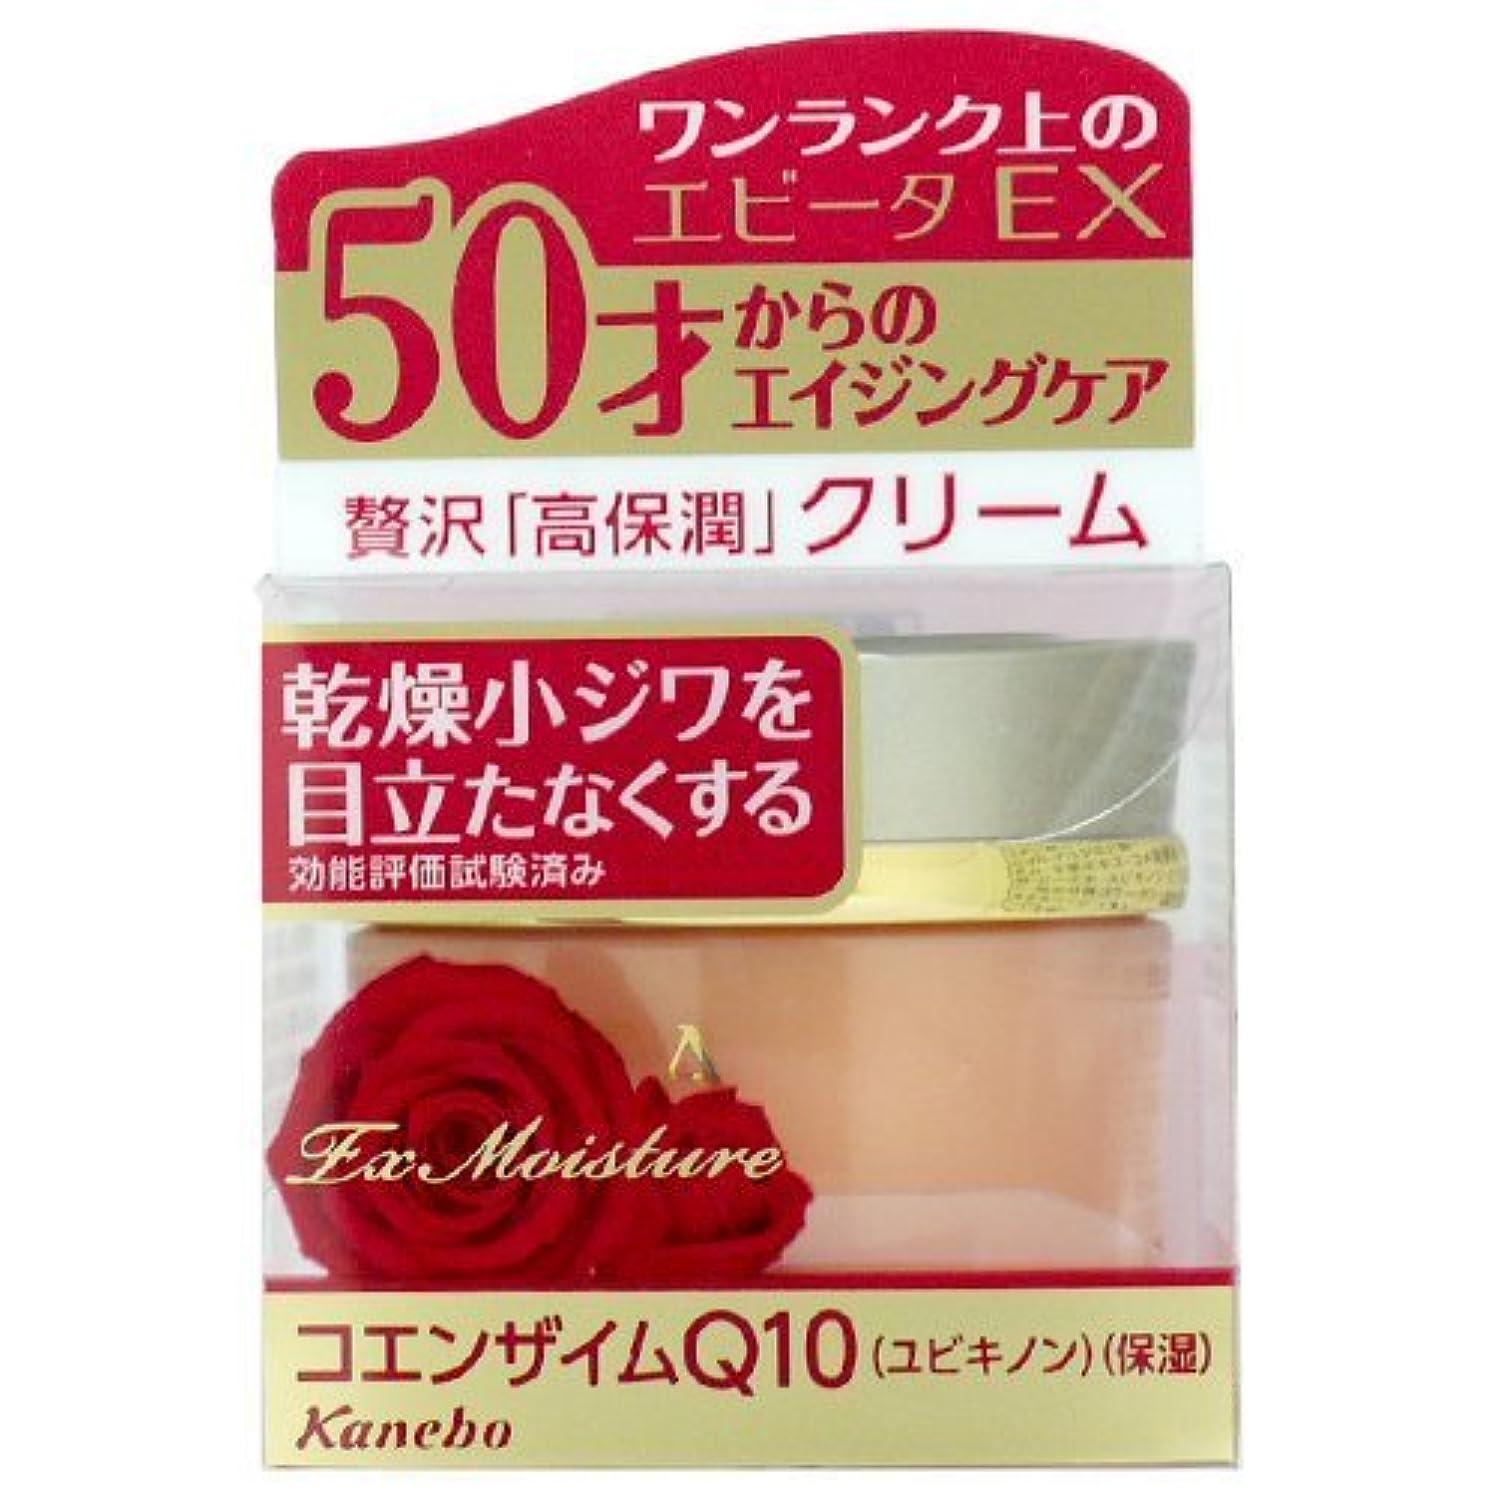 フォーラム製品味わうカネボウ エビータ EX クリームA 35g